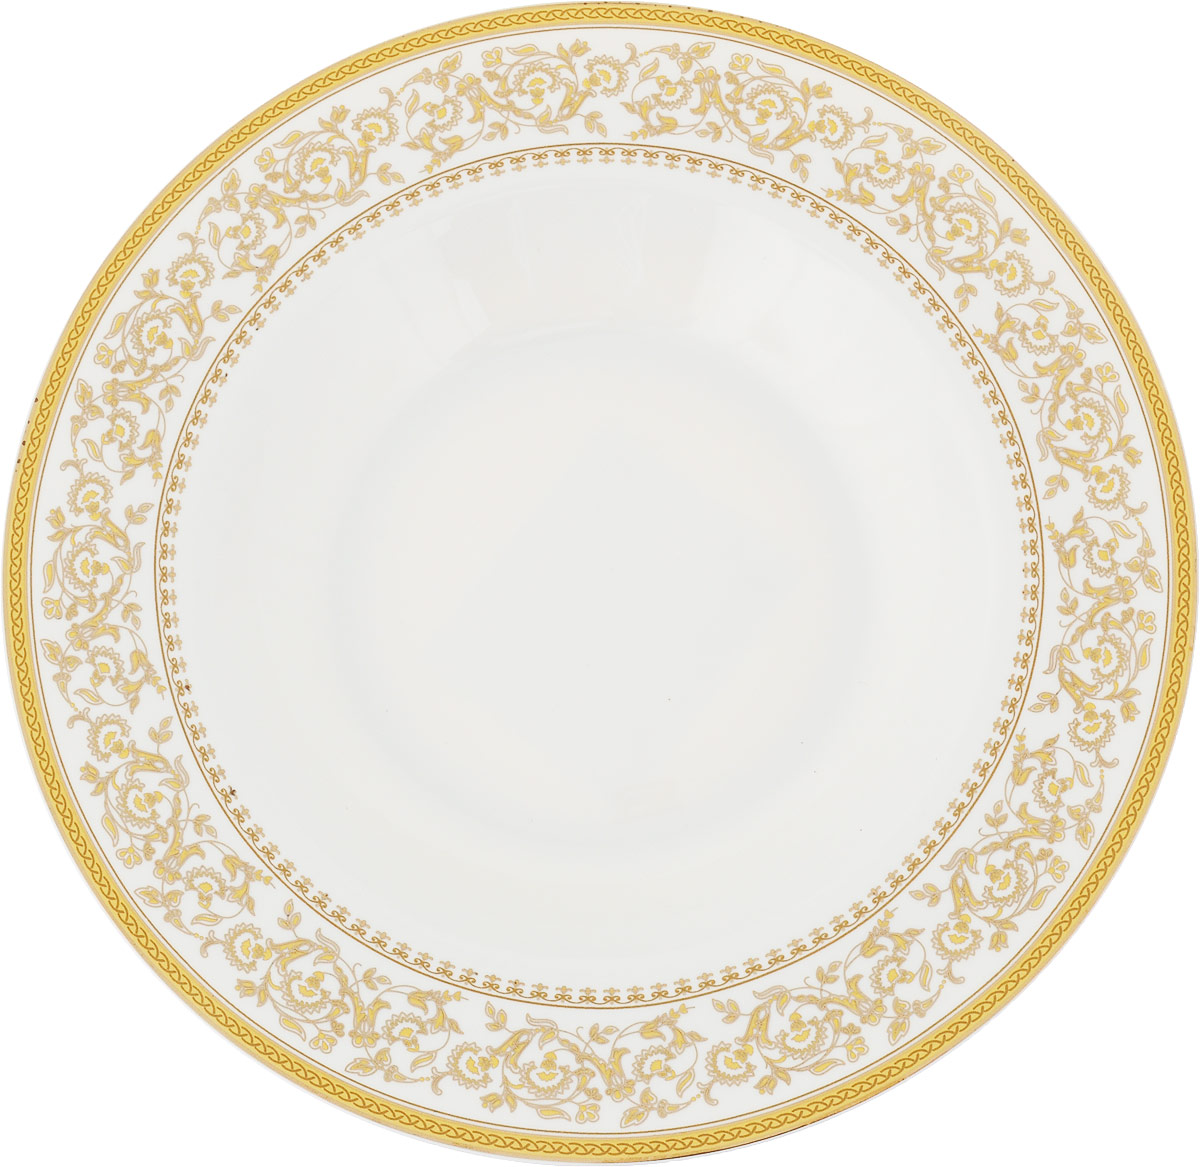 Тарелка суповая МФК-профит Империя, диаметр 21,5 см тарелка суповая тэнденси 23см 792759